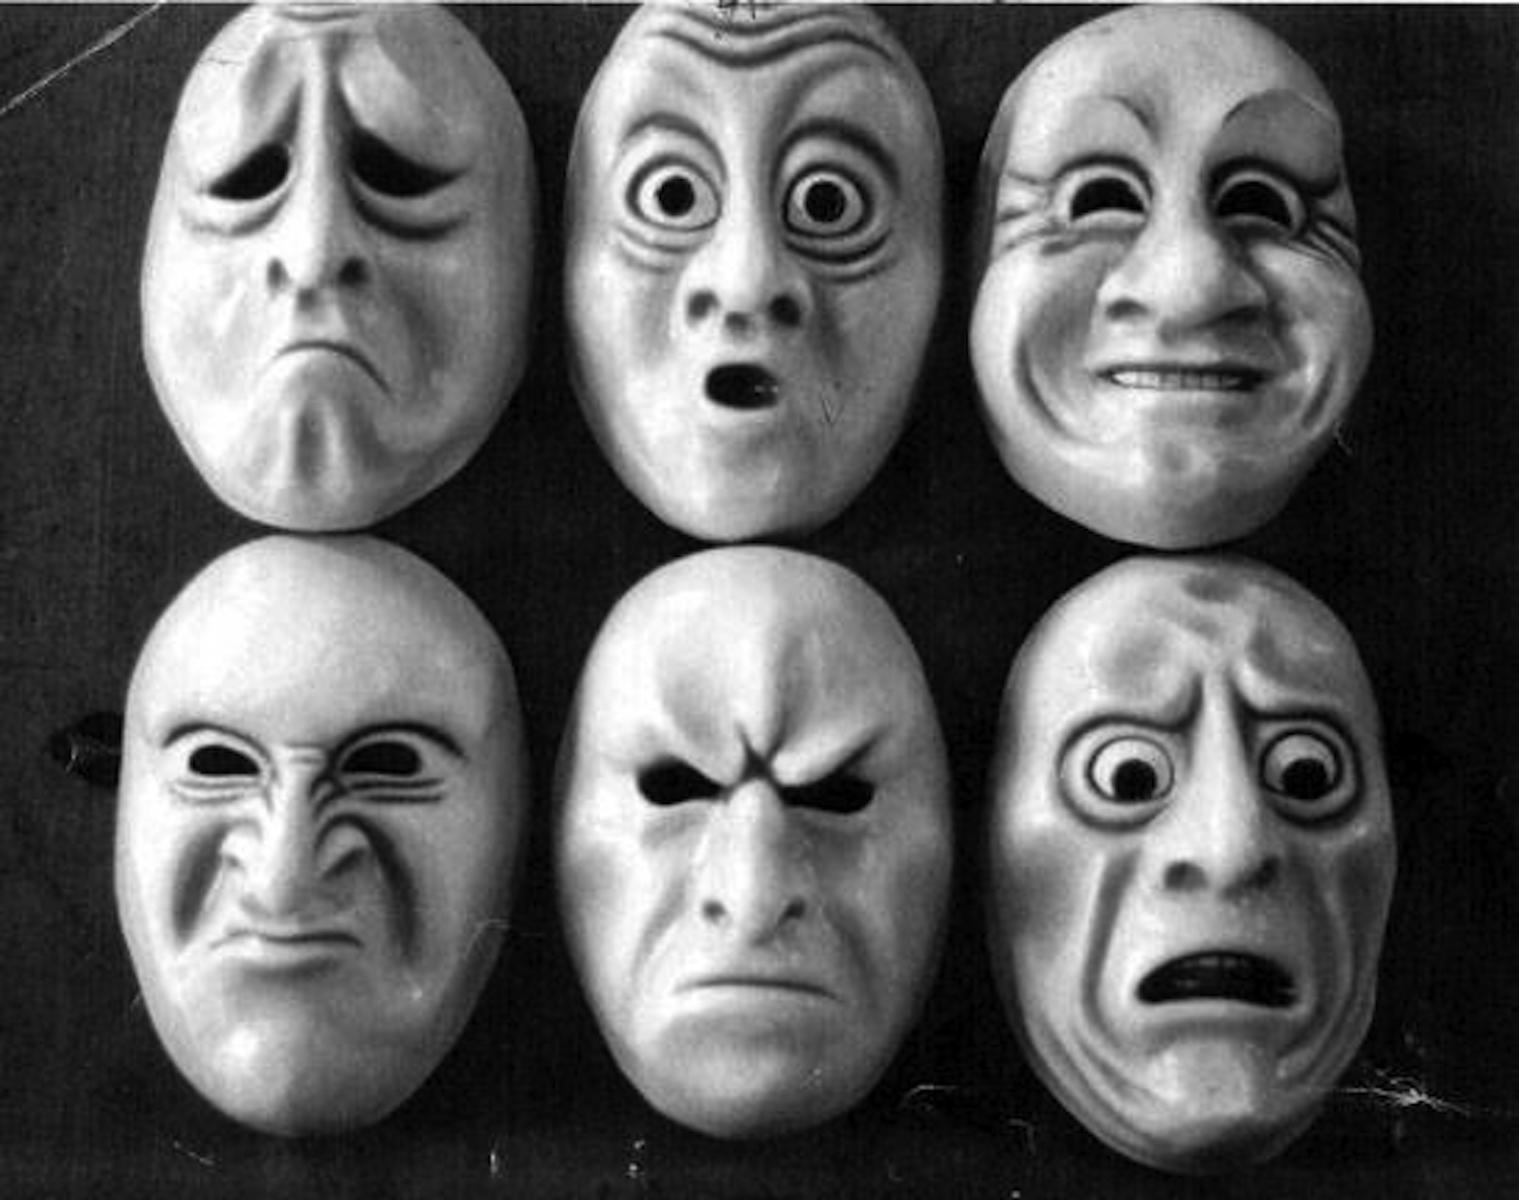 Que nous révèlent les expressions faciales sur nos émotions ?